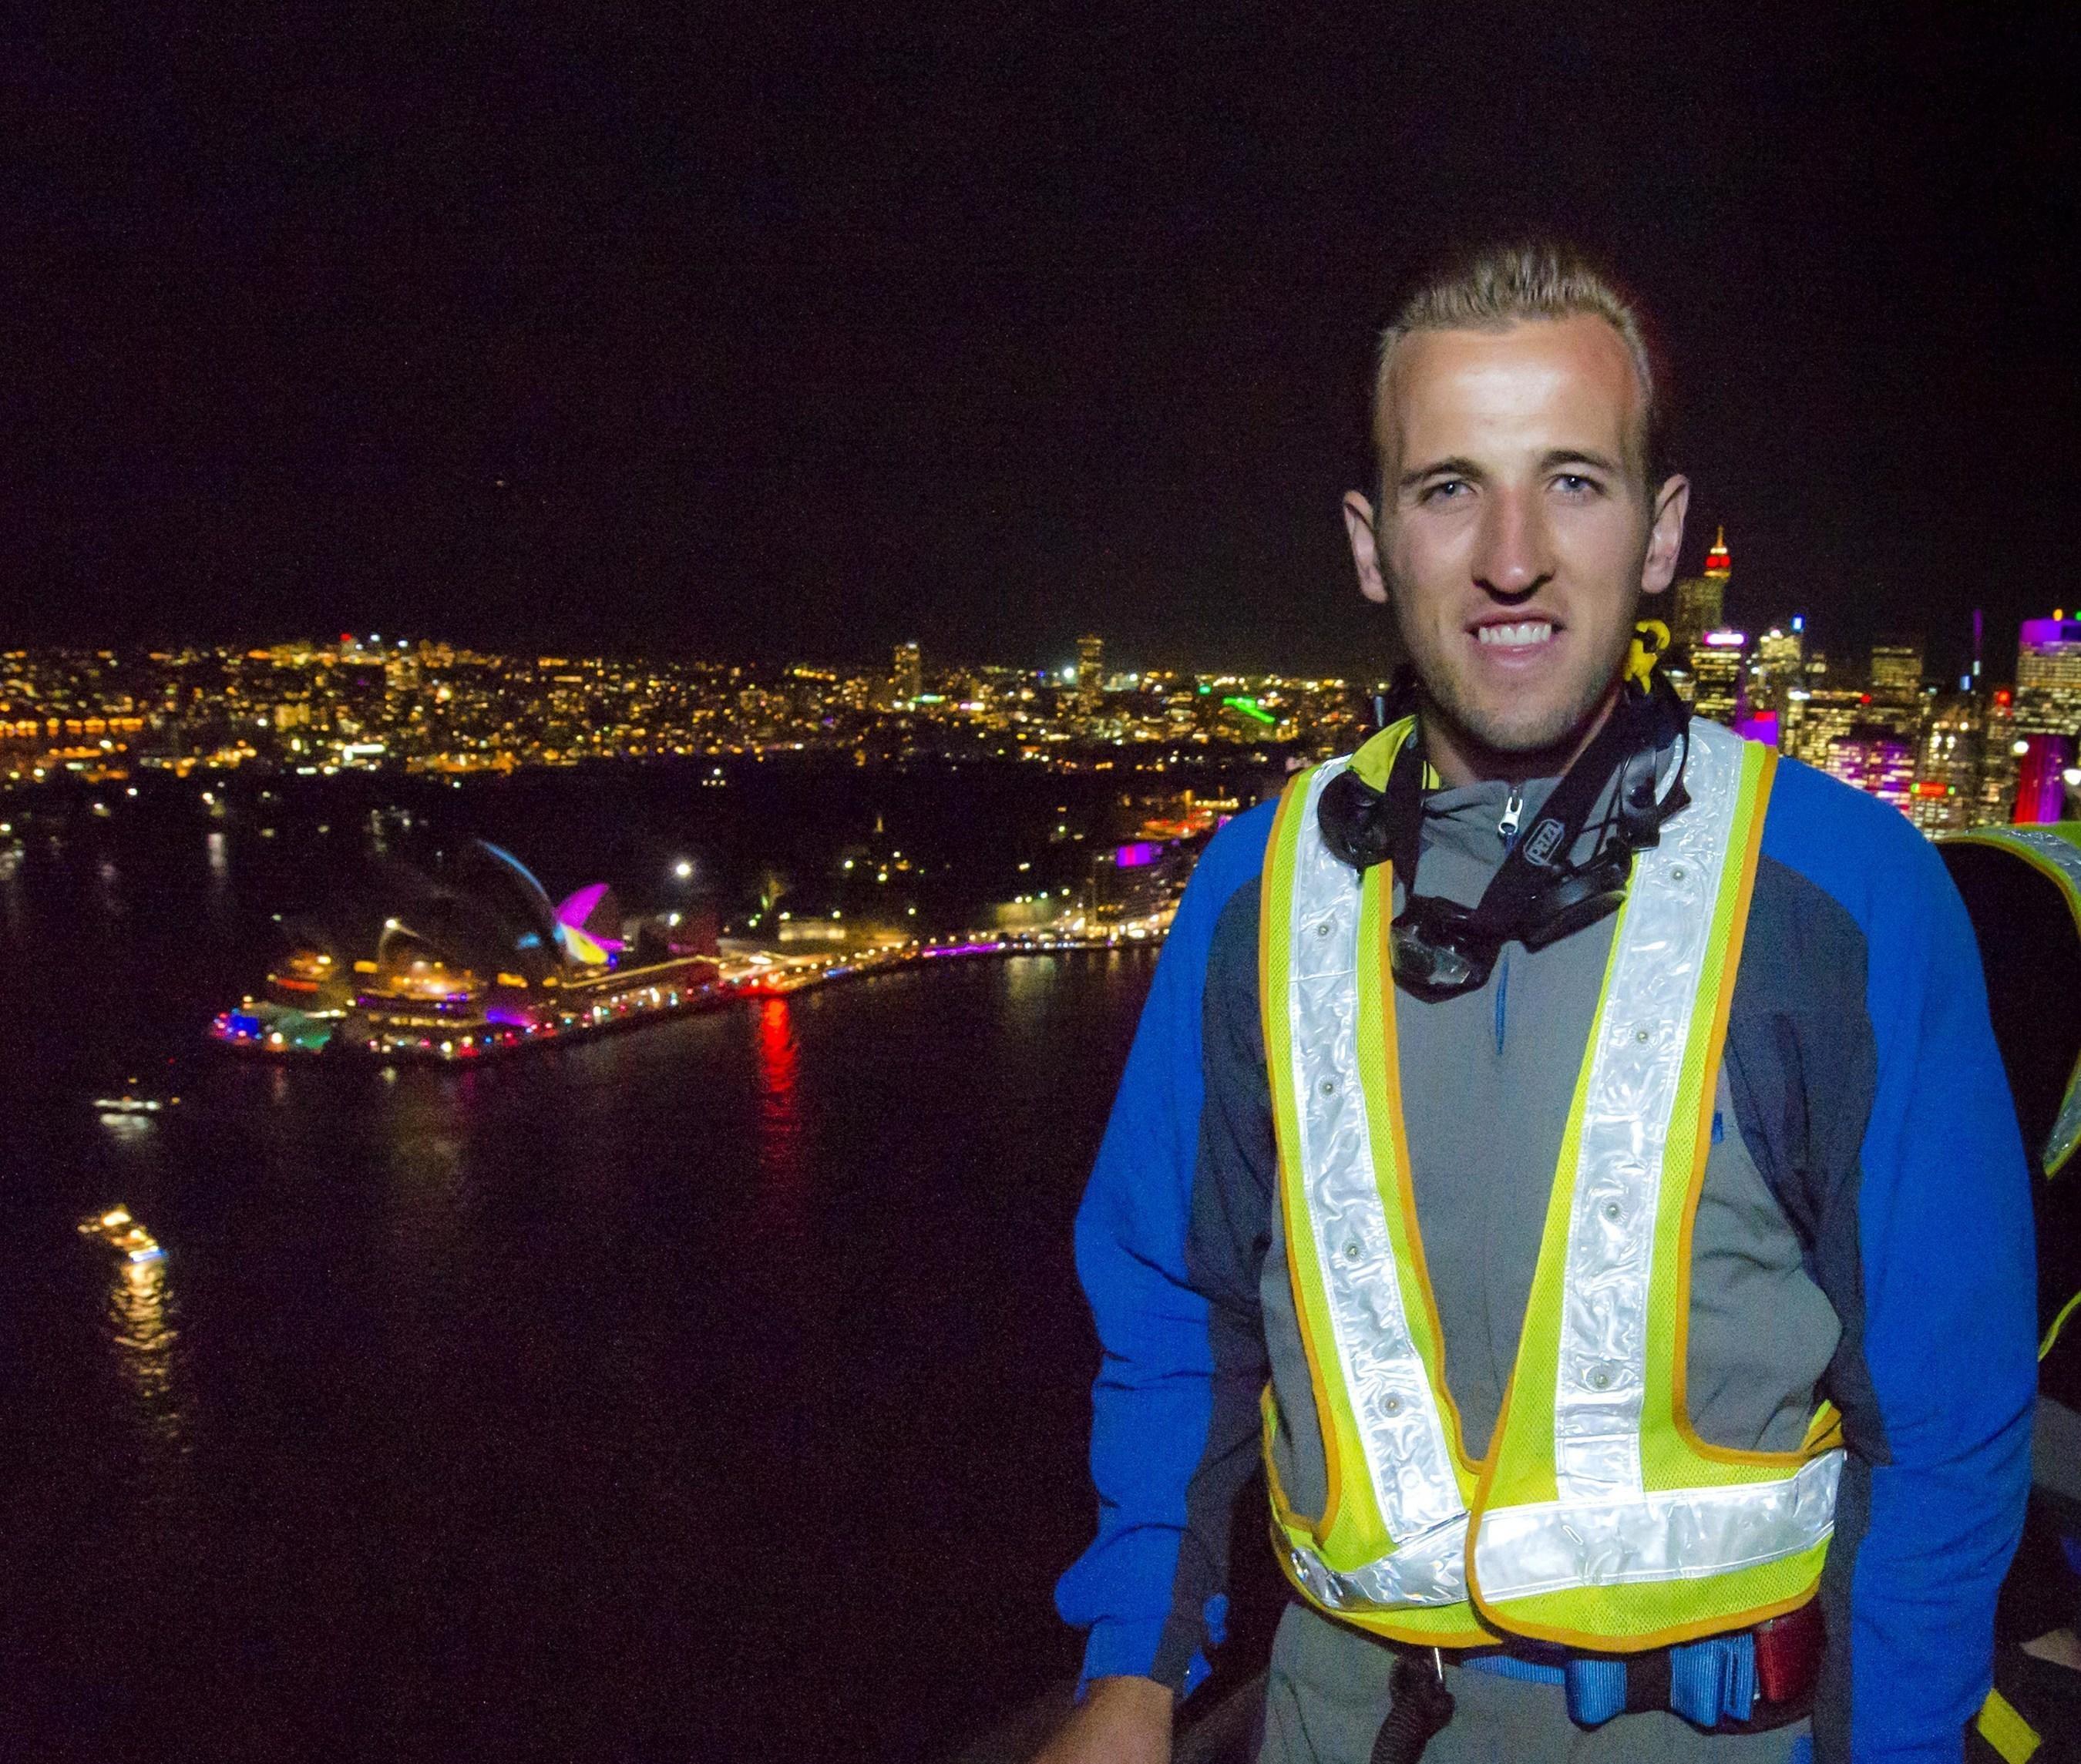 Sydney strahlt für Tottenham Hotspur FC im Licht